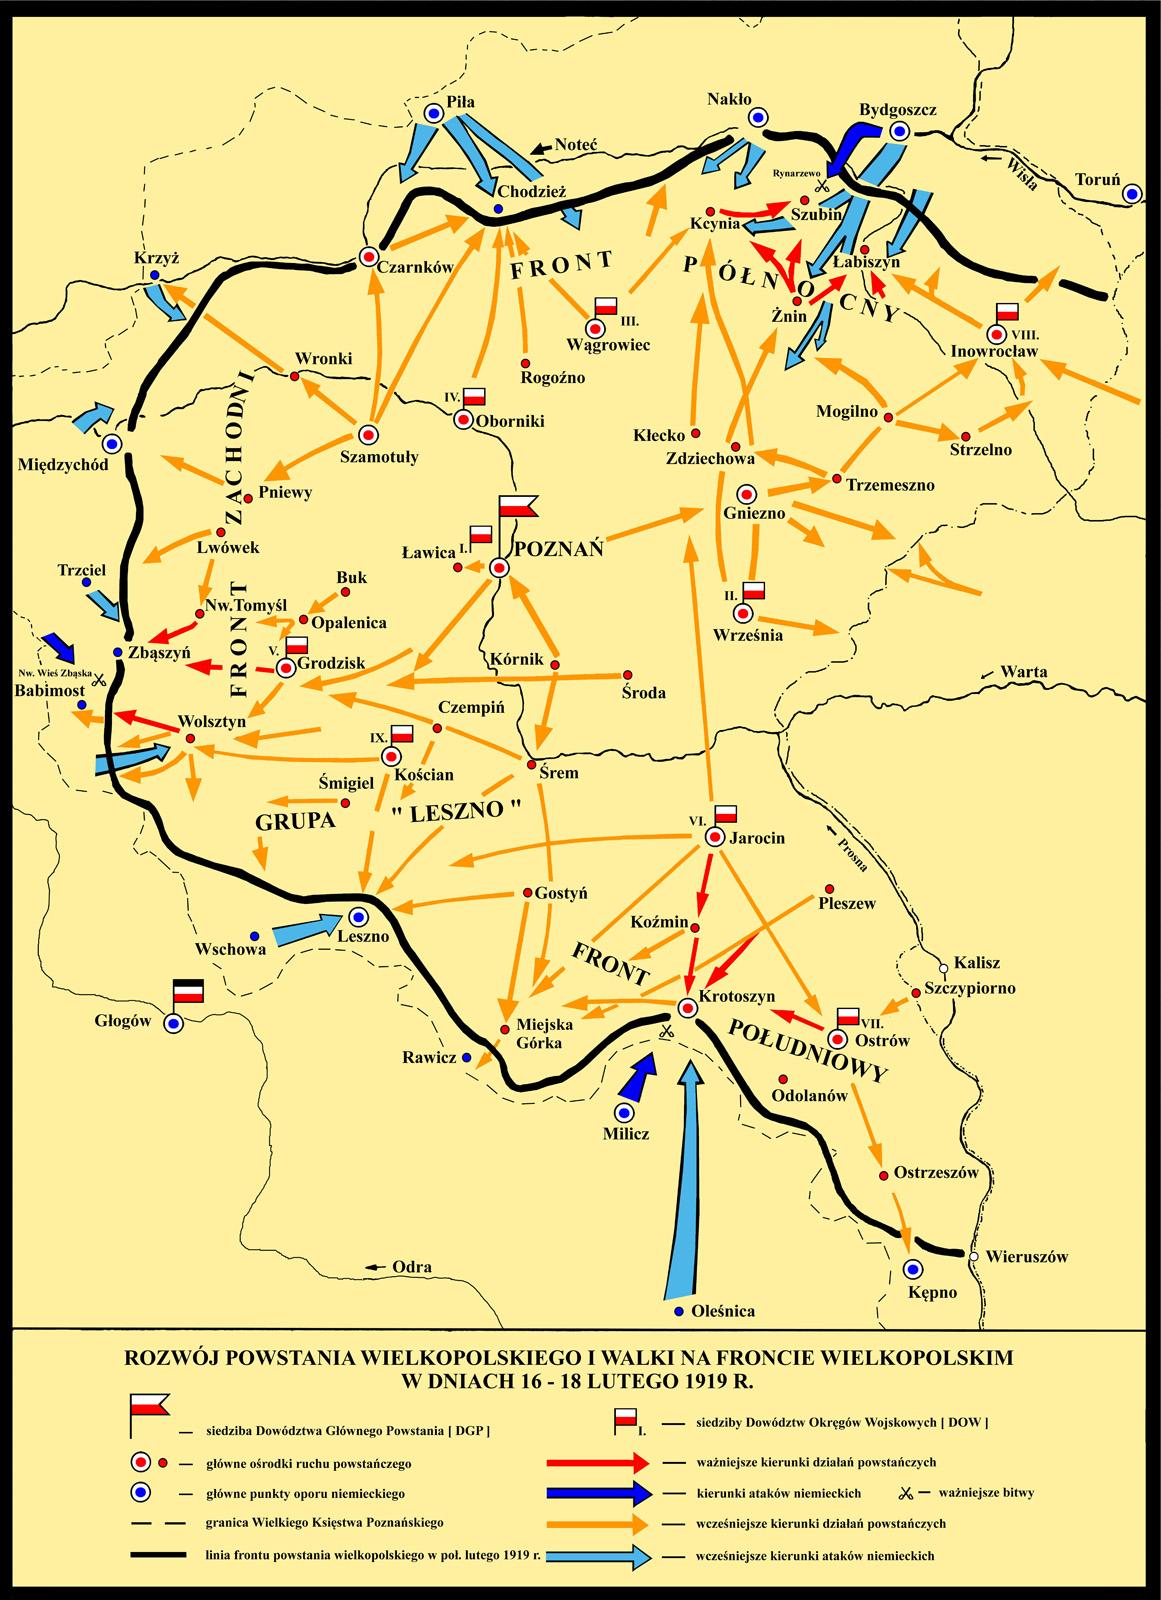 Развитие восстания и бои 16-18 февраля 1919 г.